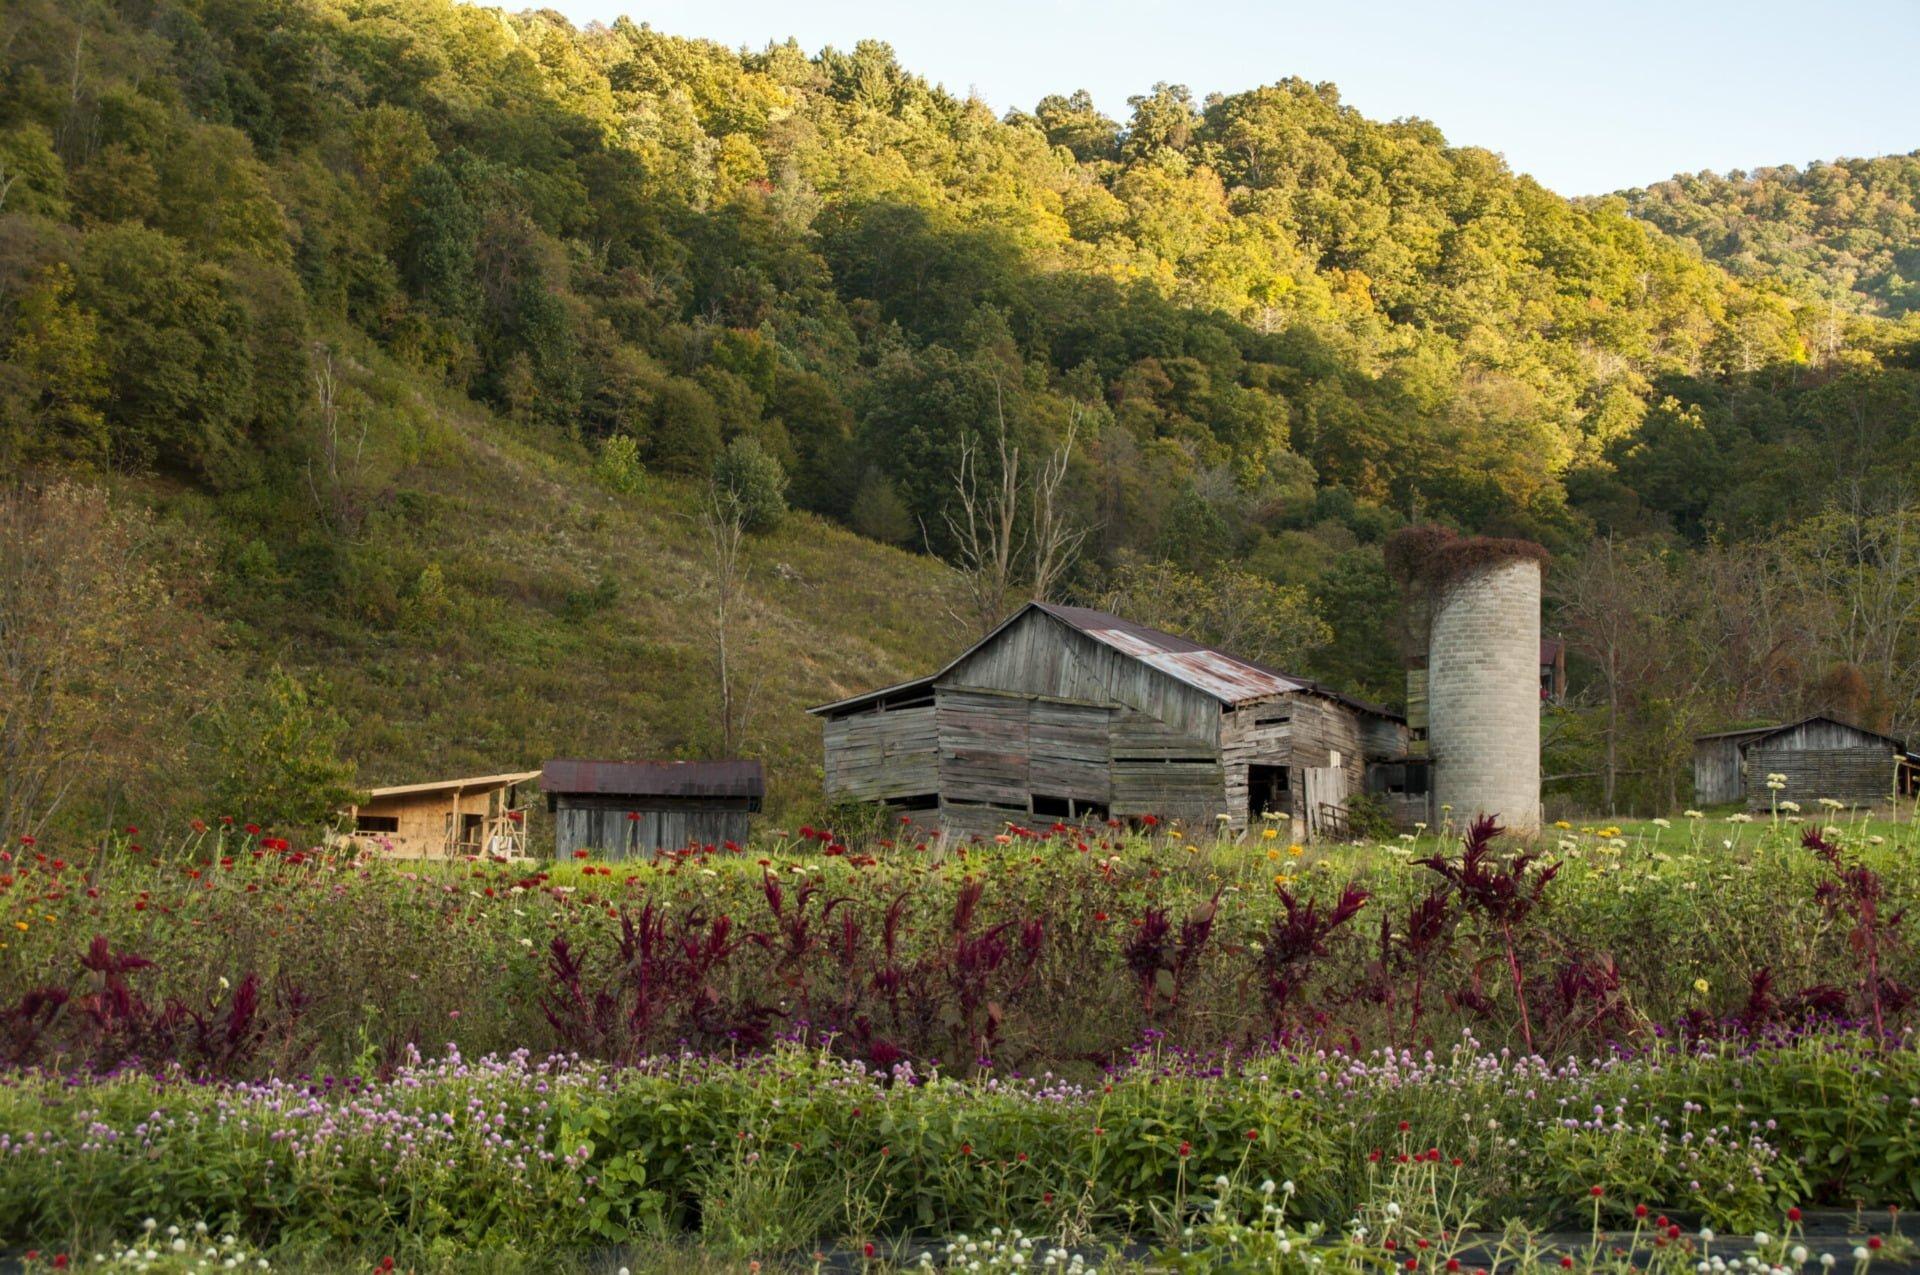 Sjones_LadyLuckFlowerFarm_field_view_barn_2